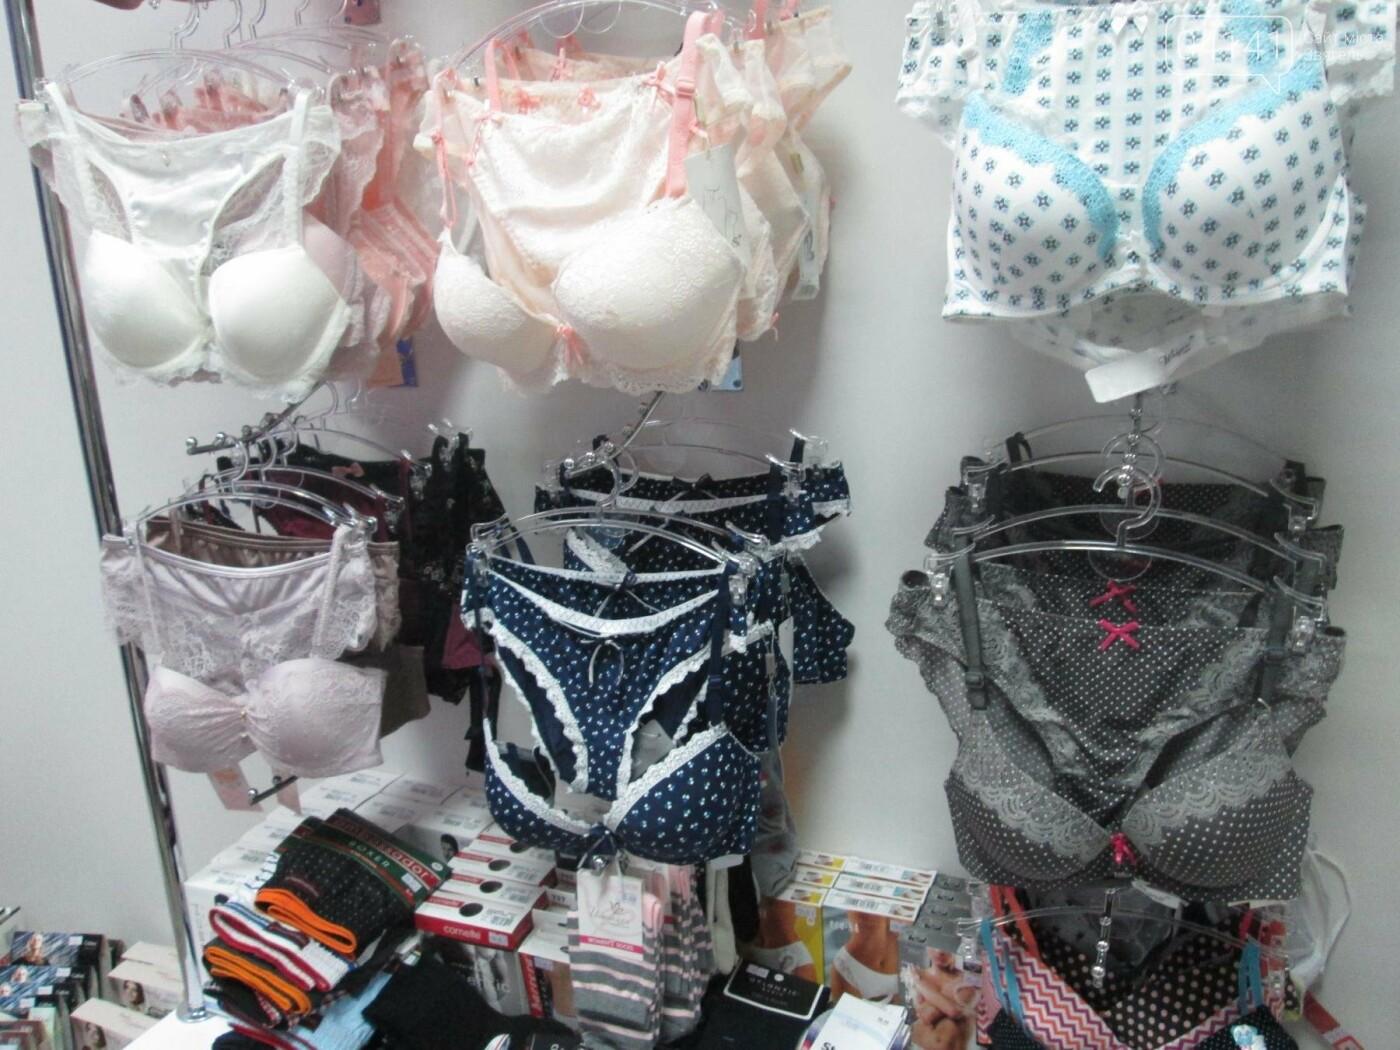 Відкрився новий магазин жіночої білизни у Новограді-Волинському, фото-2